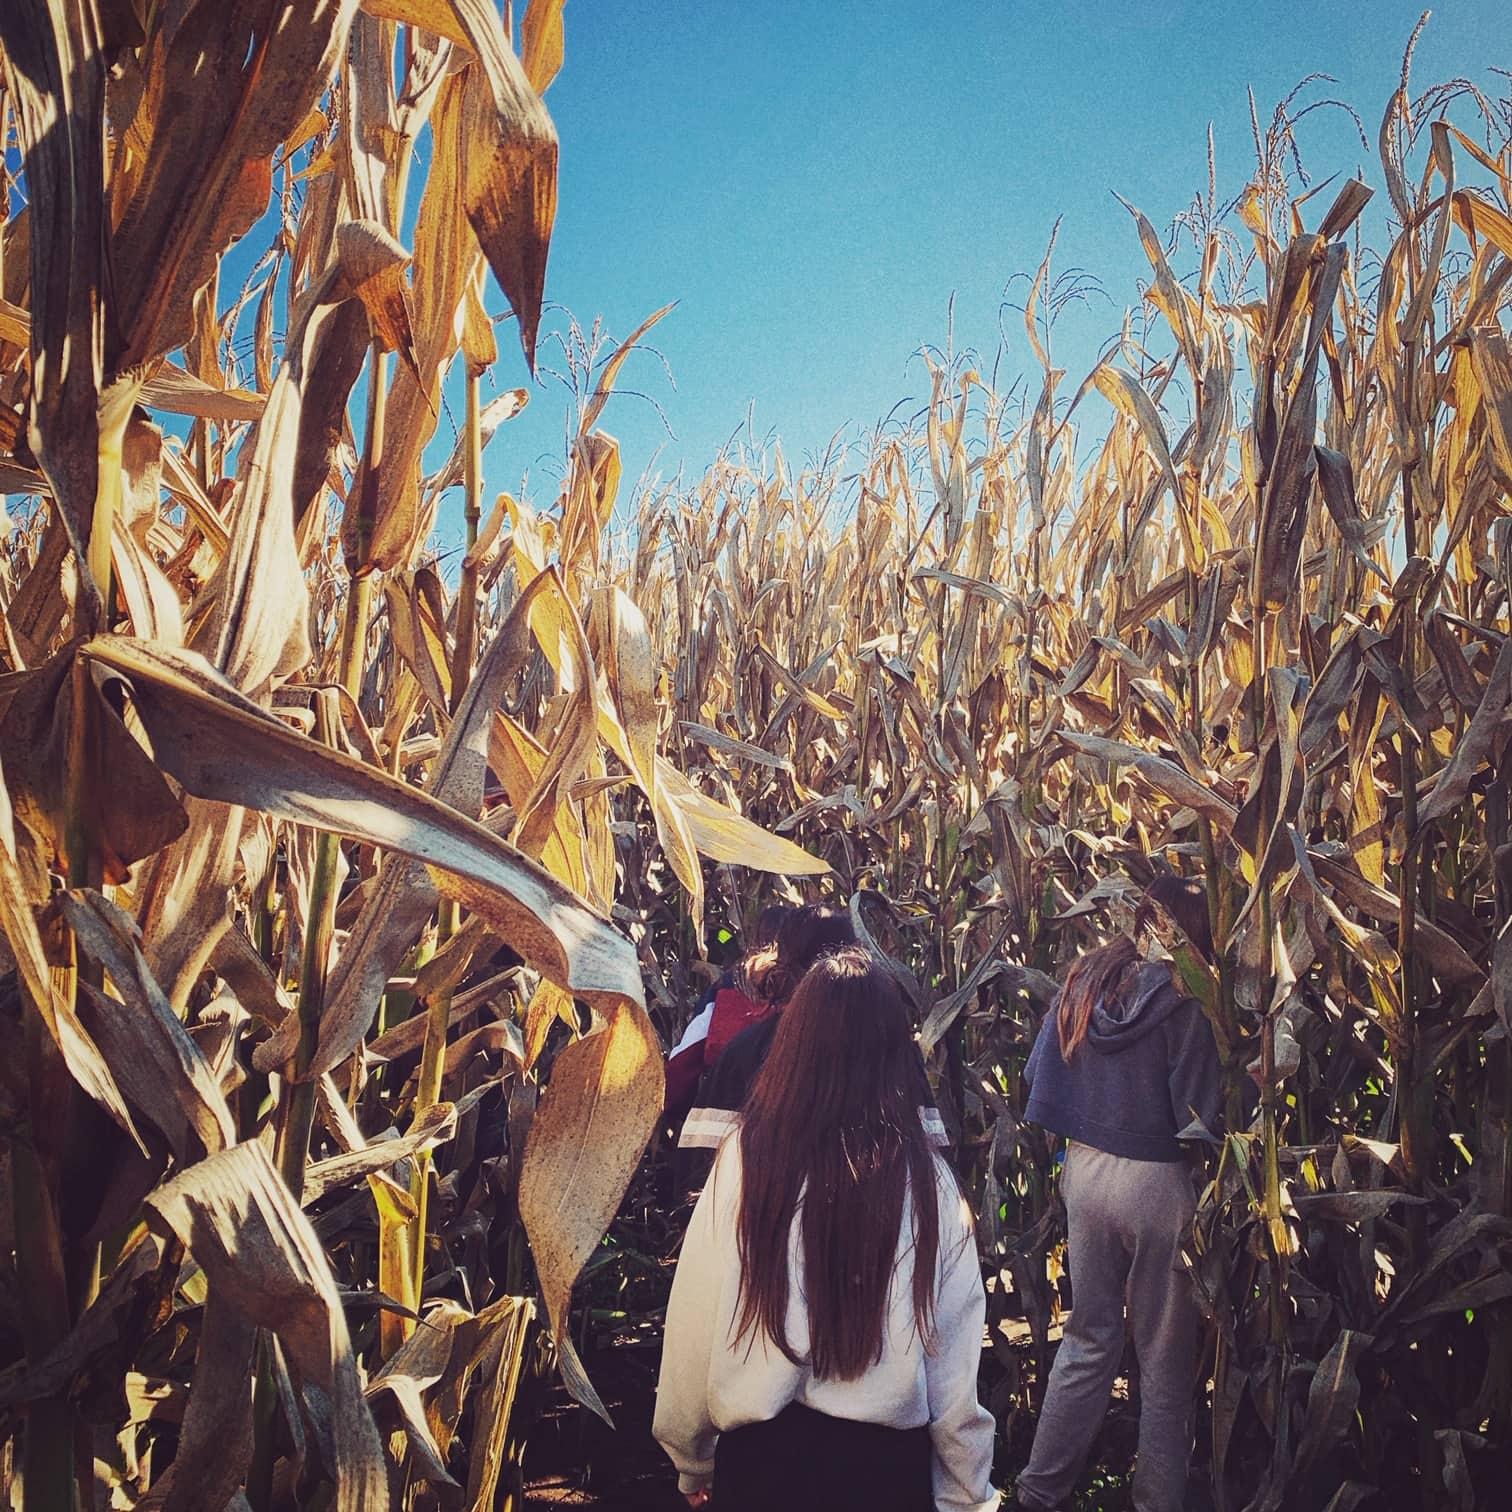 Corn Maze at Carpinito Farms